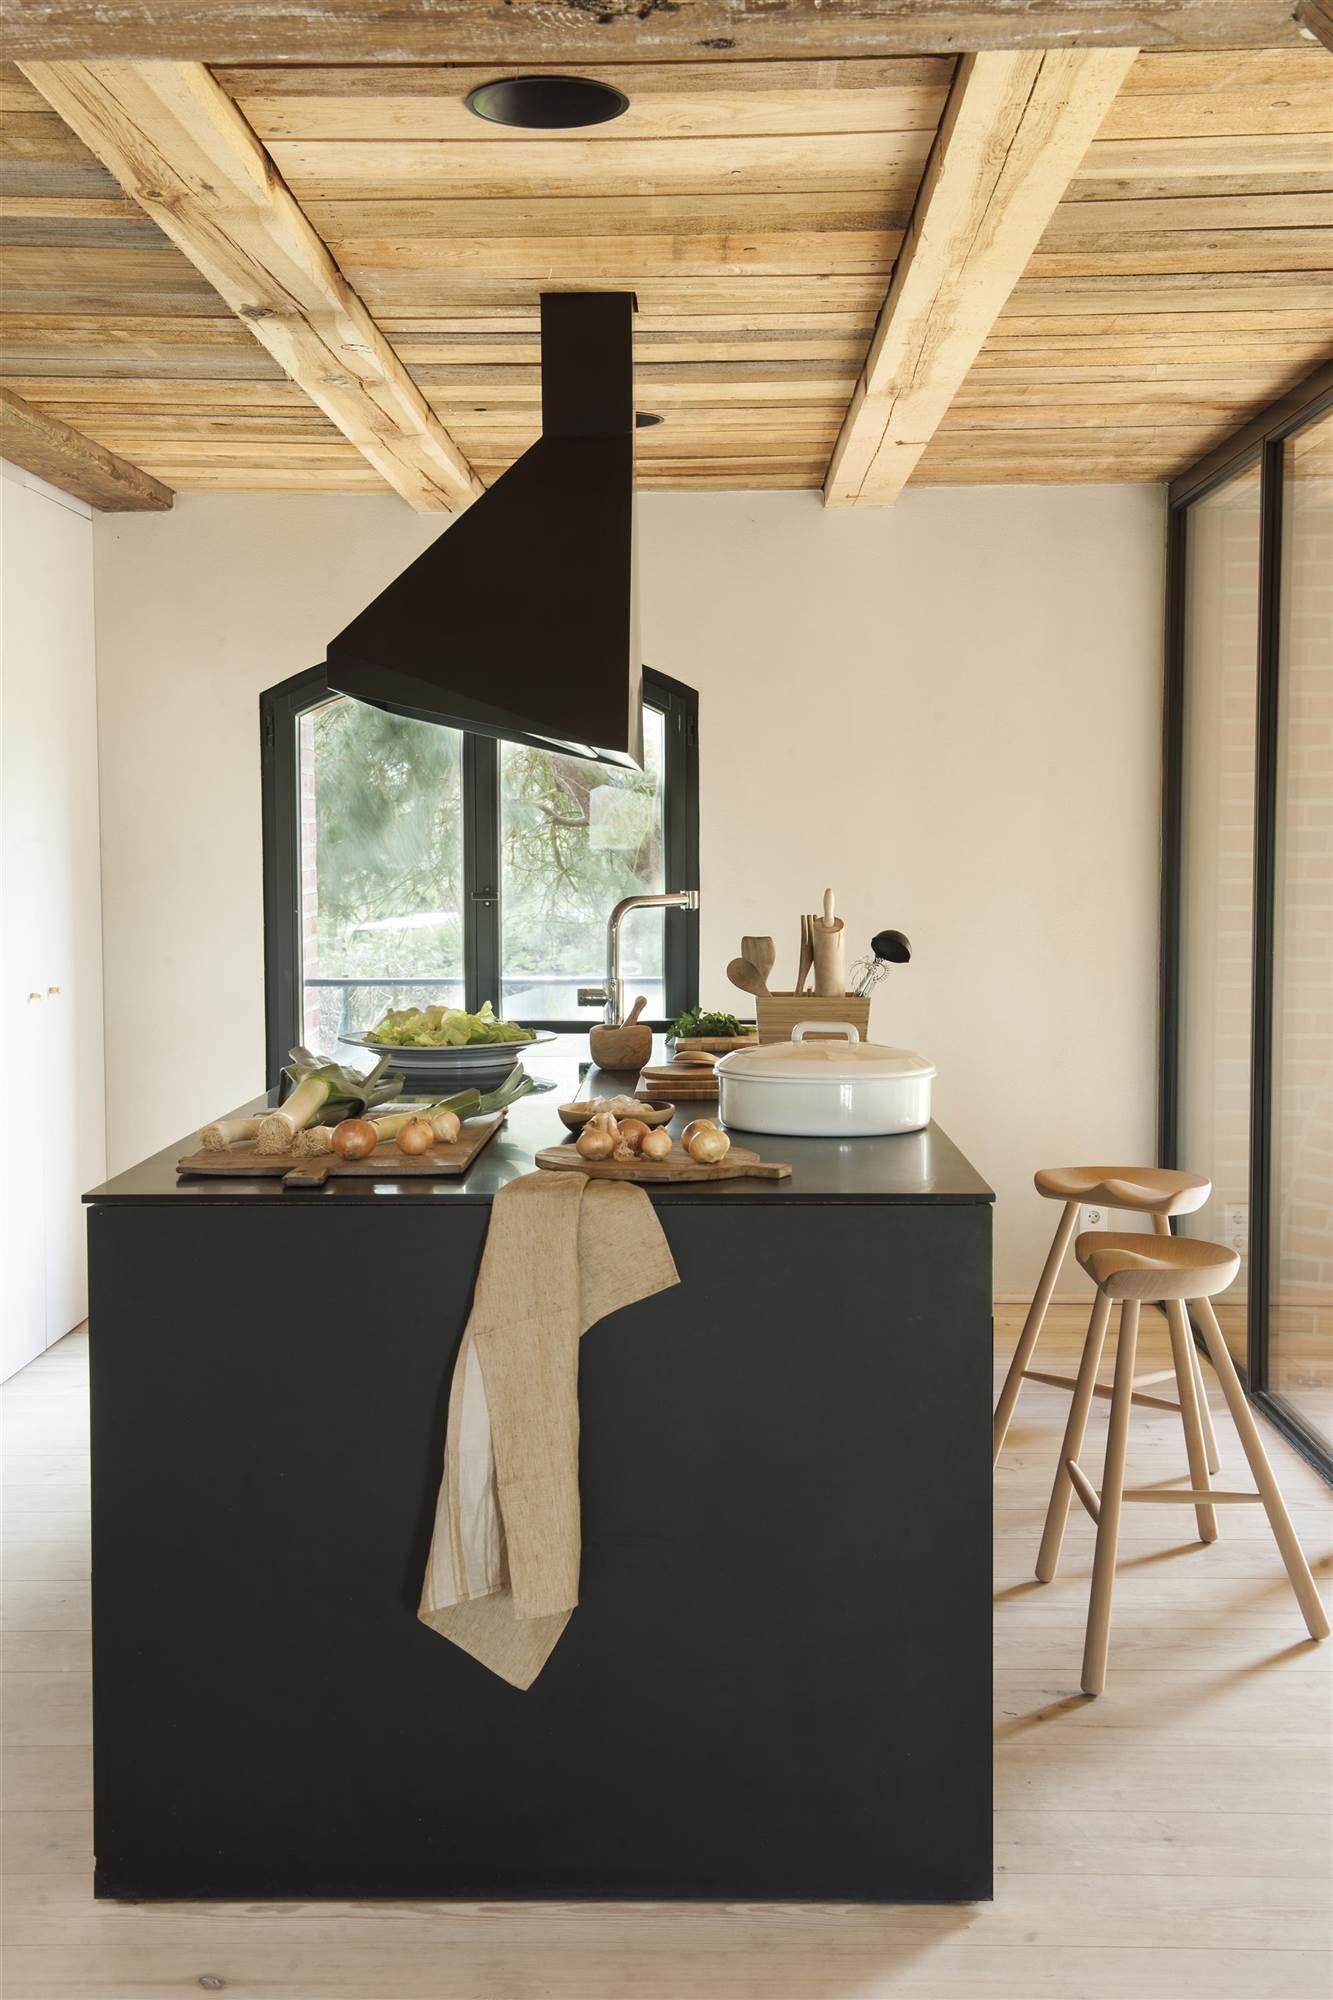 Muebles en pareja con qu color combina mejor la madera for Cocina con electrodomesticos de color negro